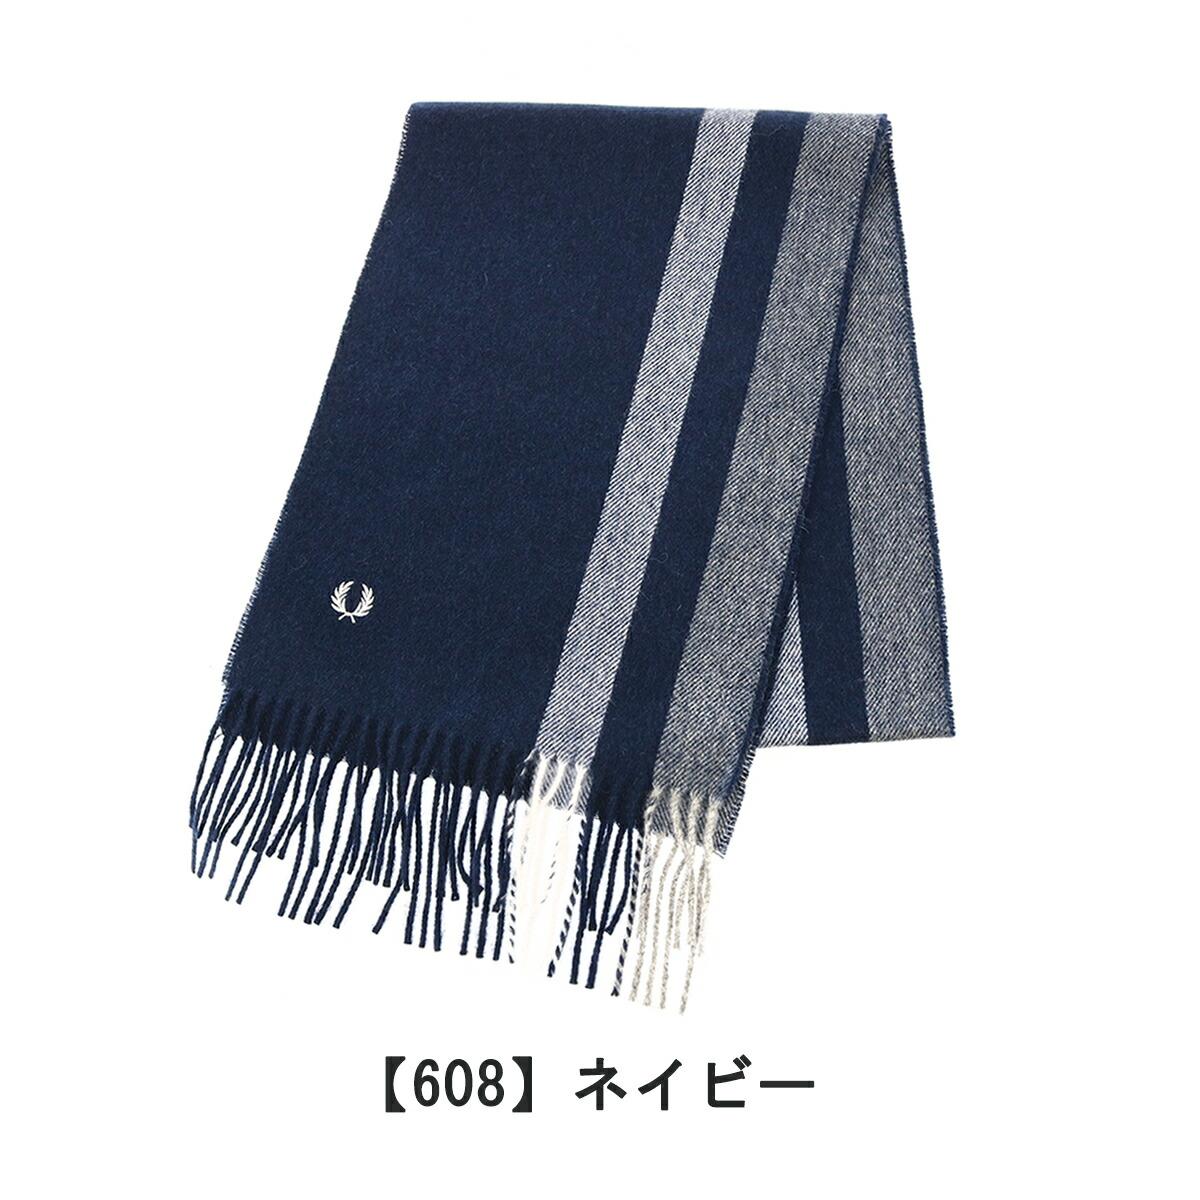 【608】ネイビー